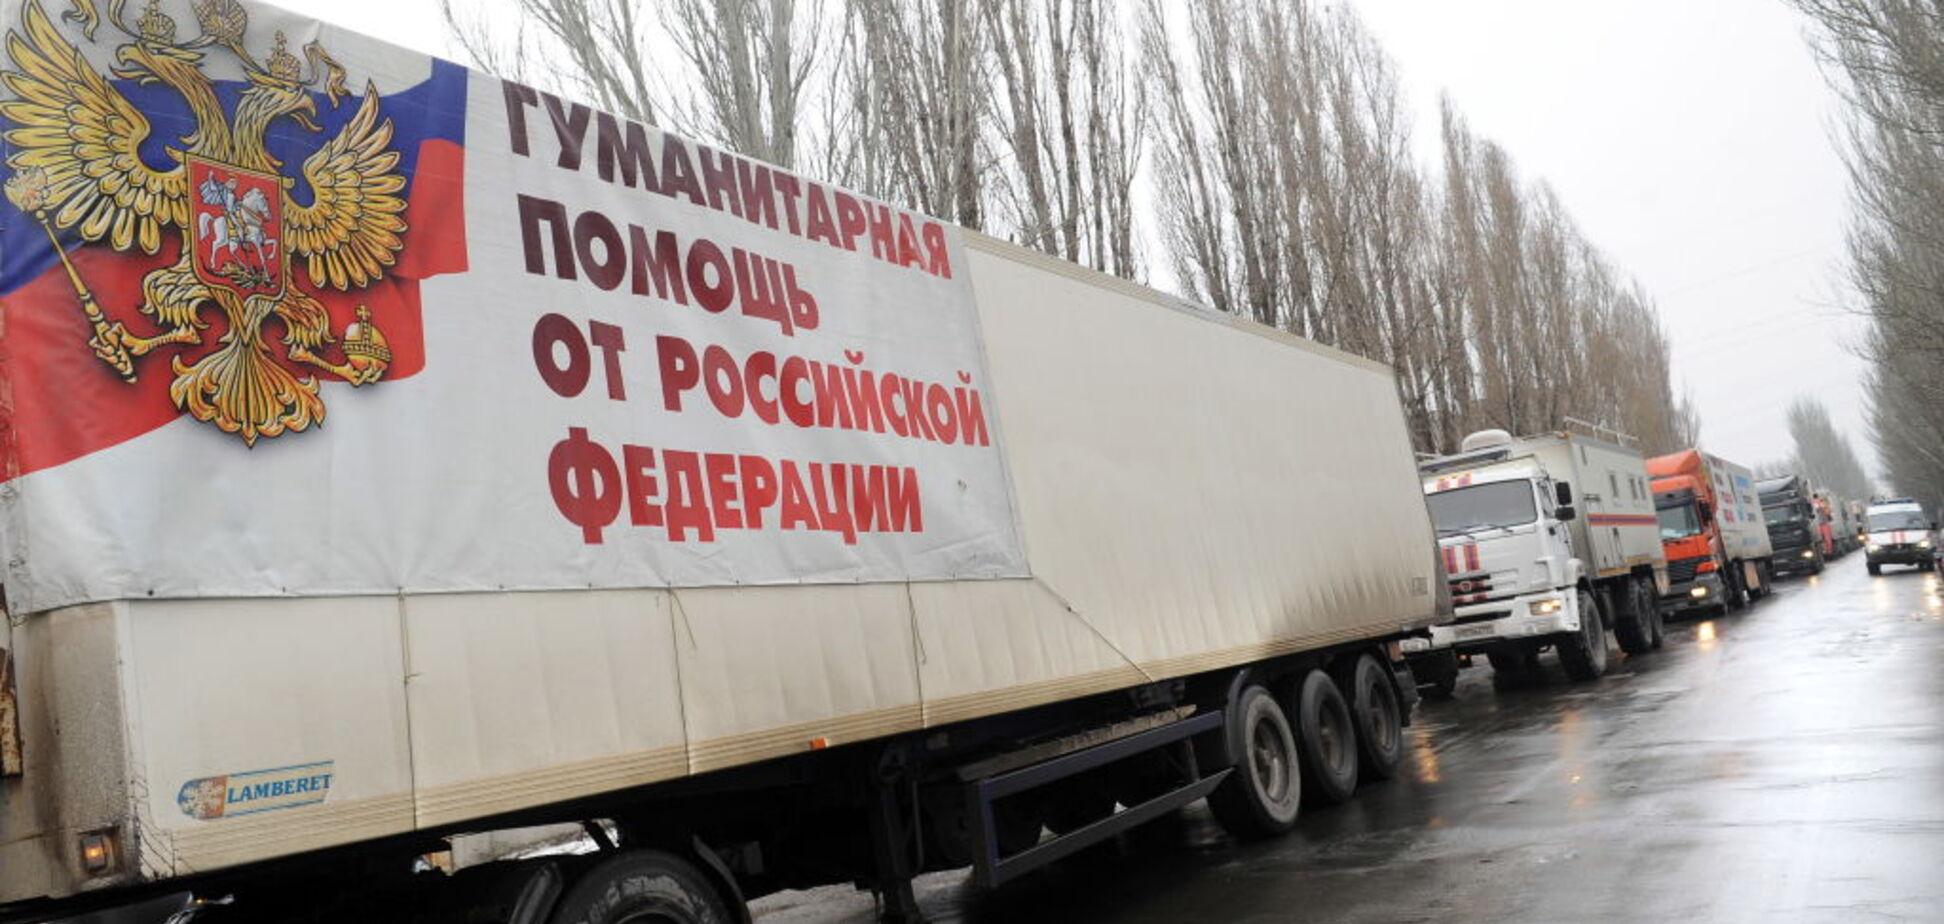 Ждать обострения? Россия отправила 'гумконвой' террористам на Донбассе